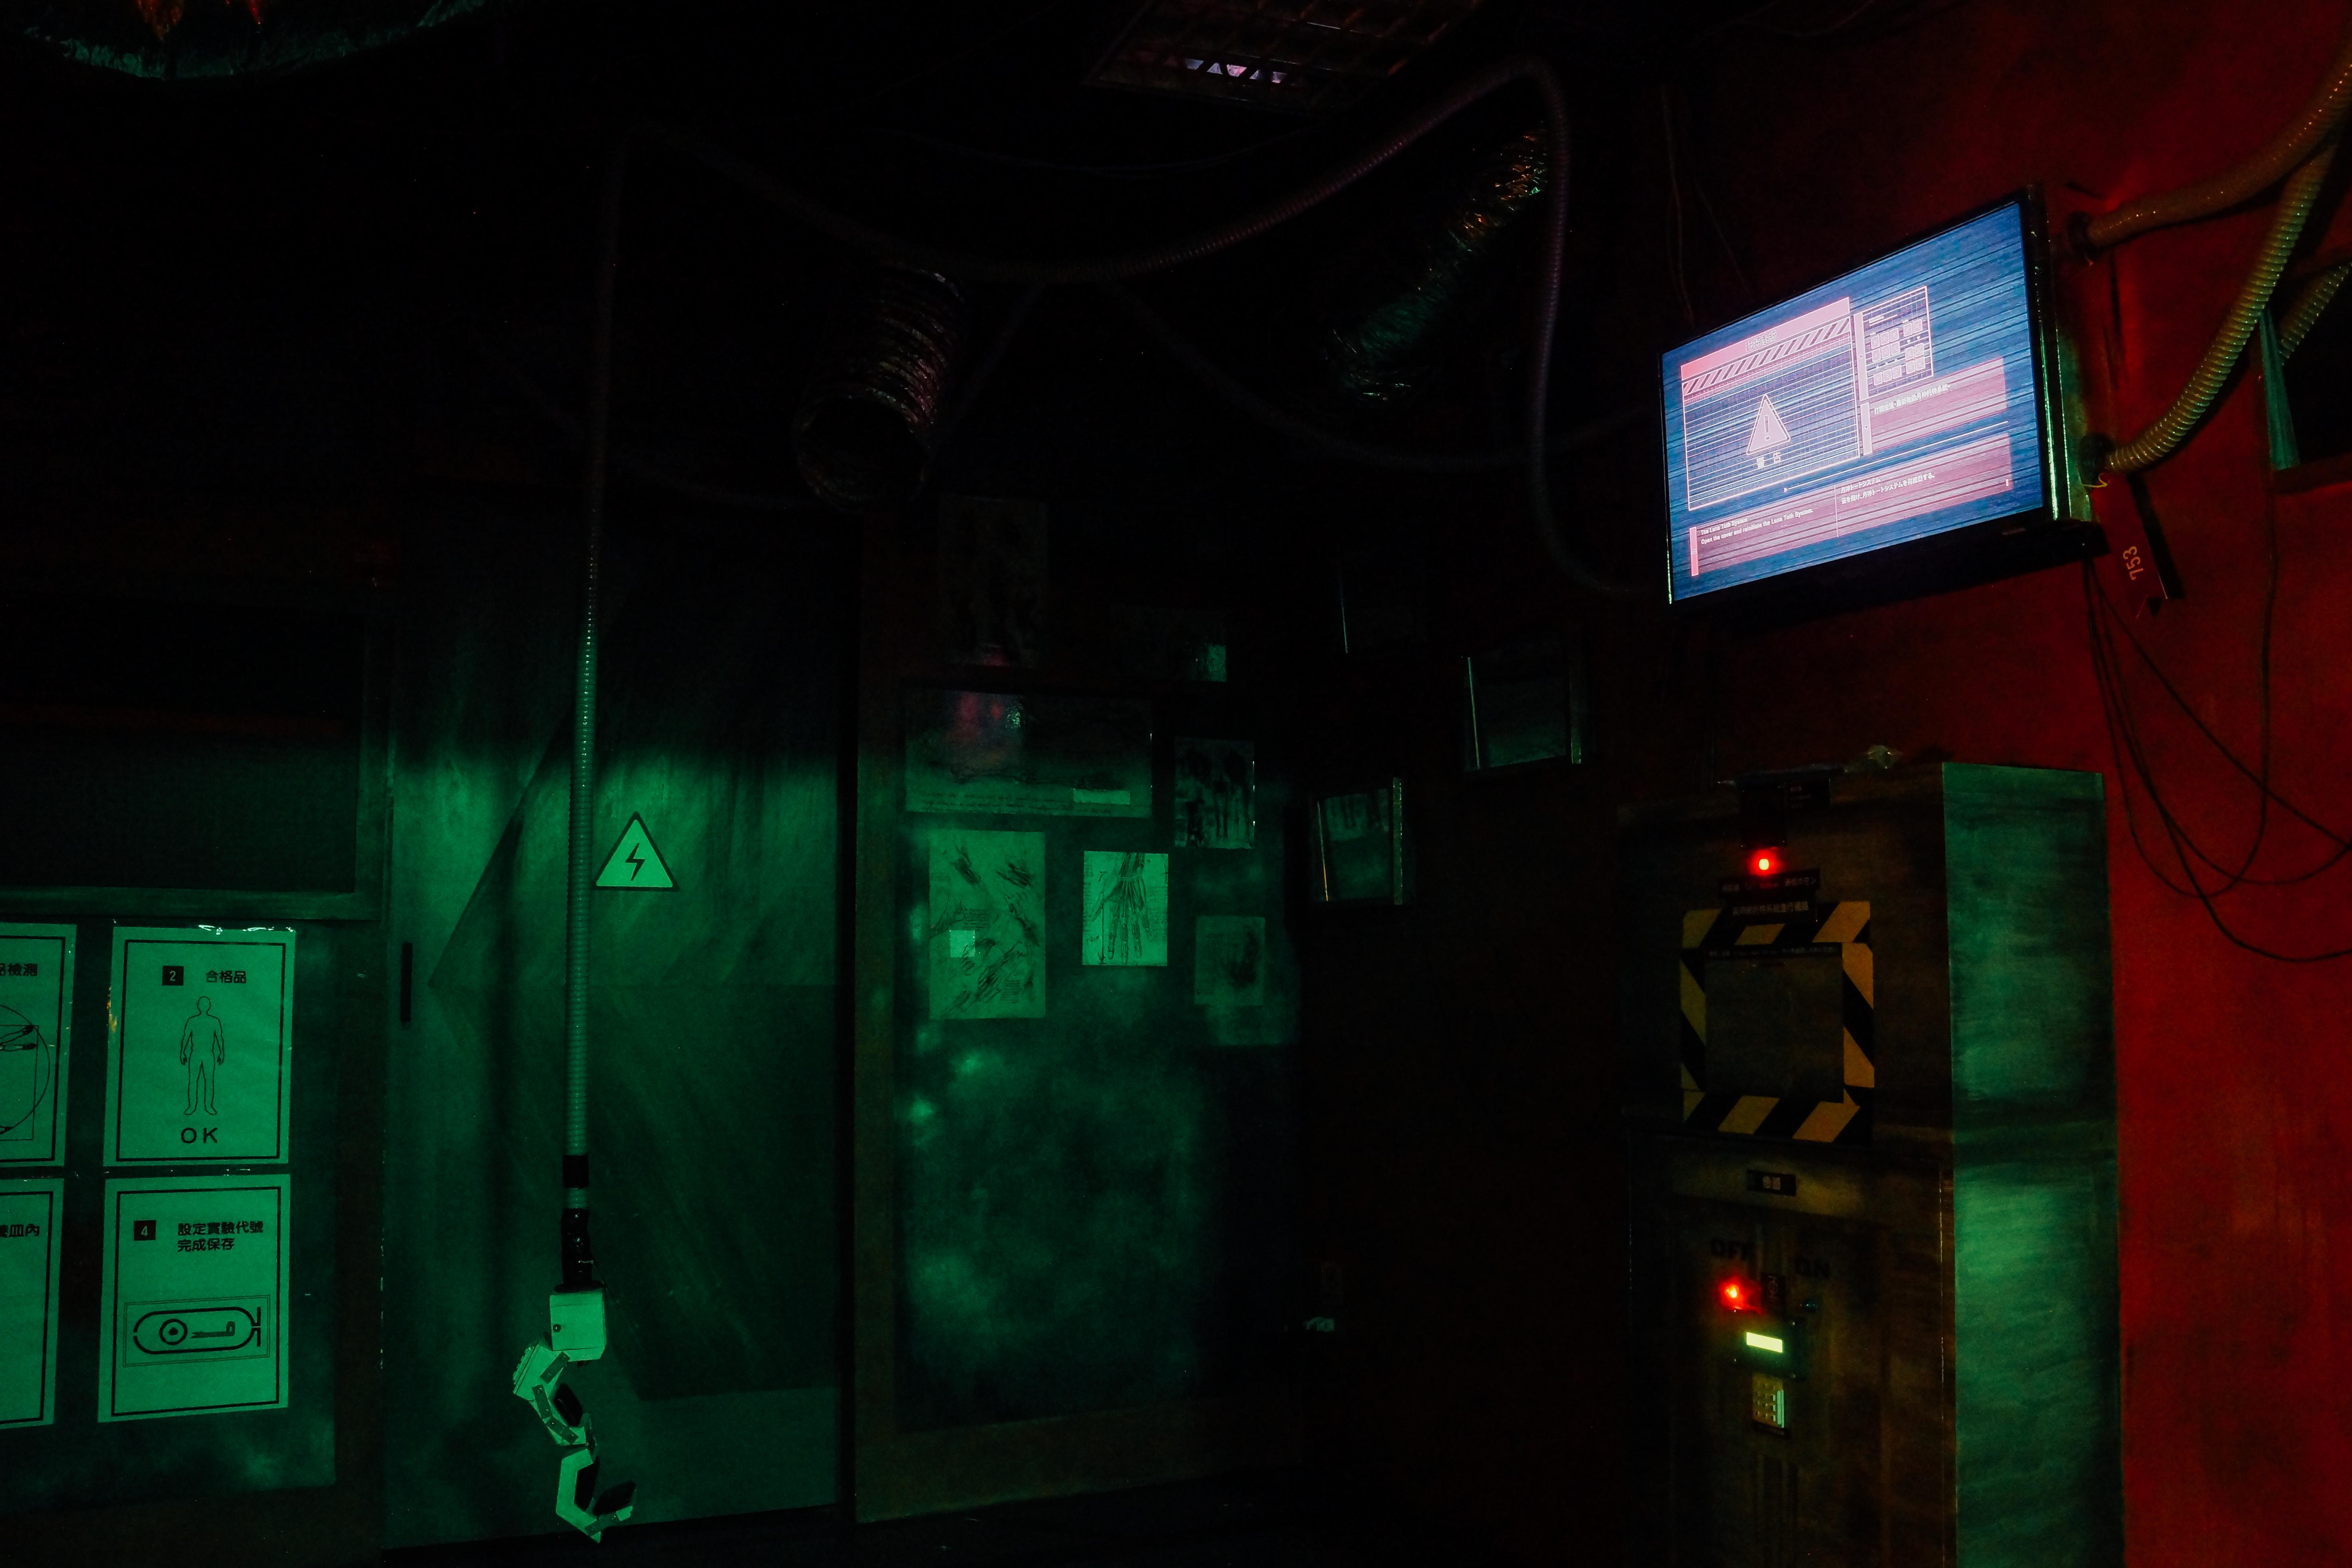 太空主題場景甚至會模擬缺氧危機。攝影/潘姿穎